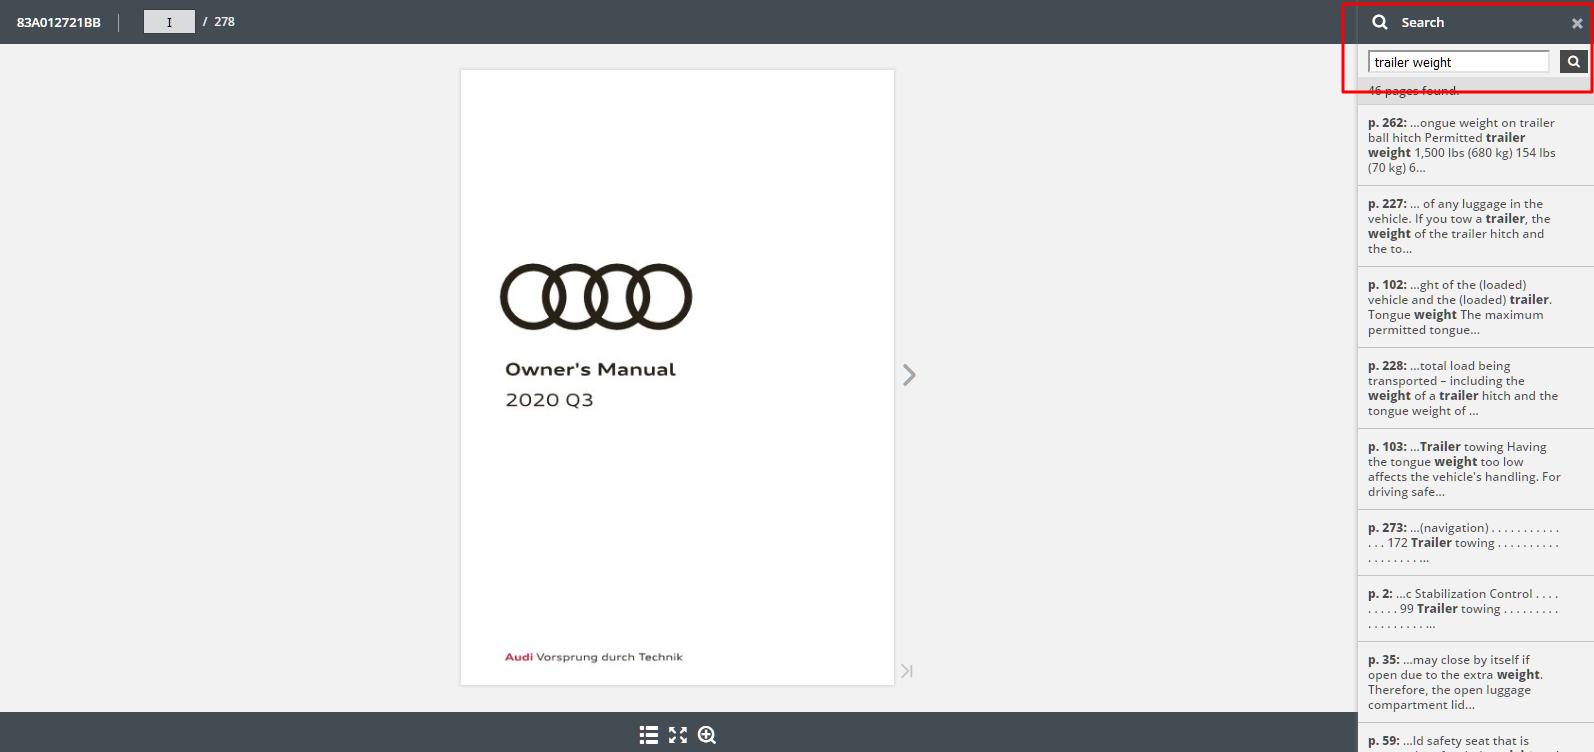 2020 Audi Q3 Owner's Manual Lookup Step 3